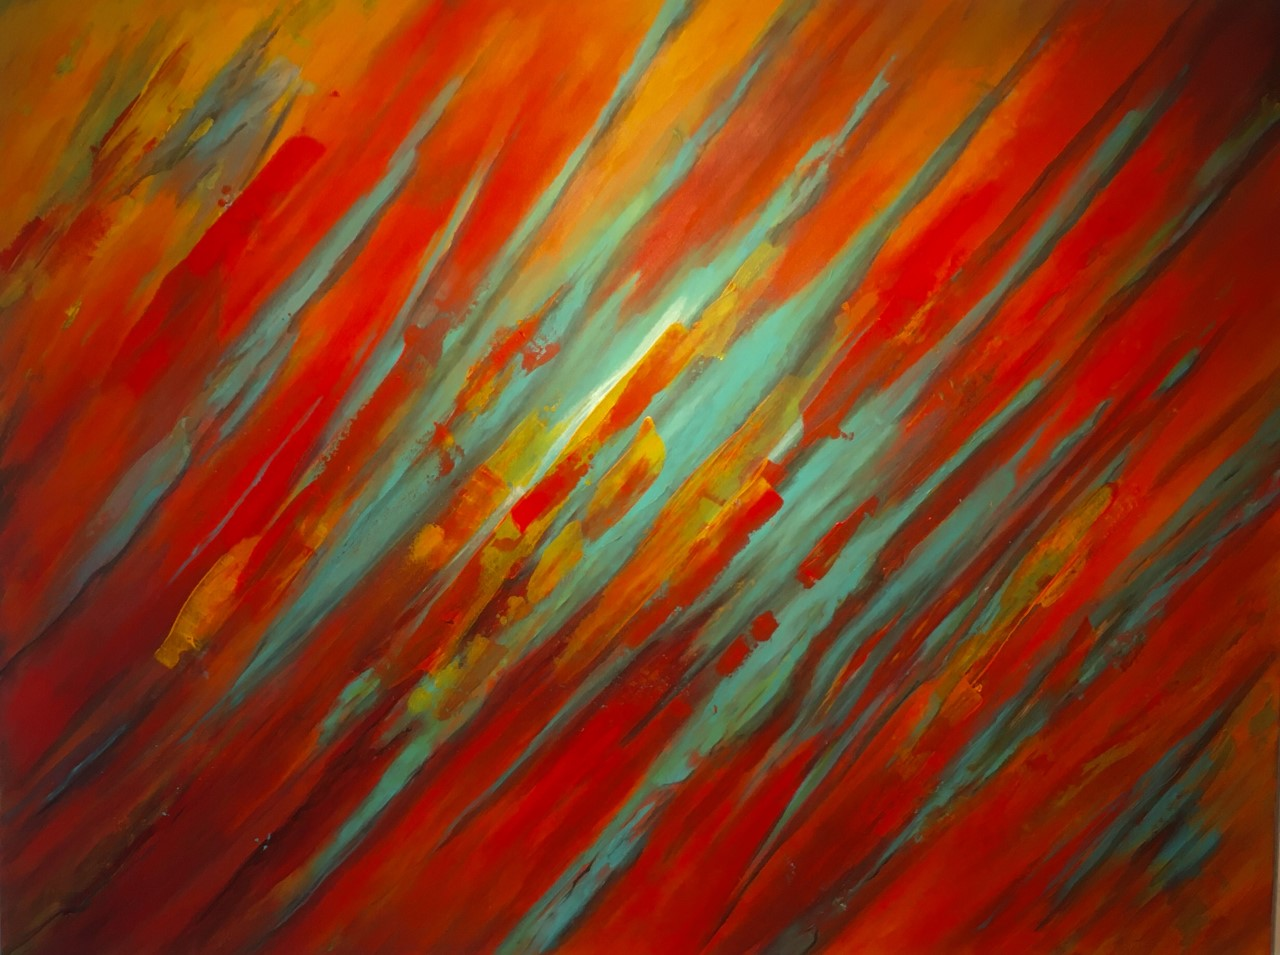 fire and ice 120 x 160 Acryl auf Leinwand im Besitz von Familie Jonske, Georgsmarienhütte